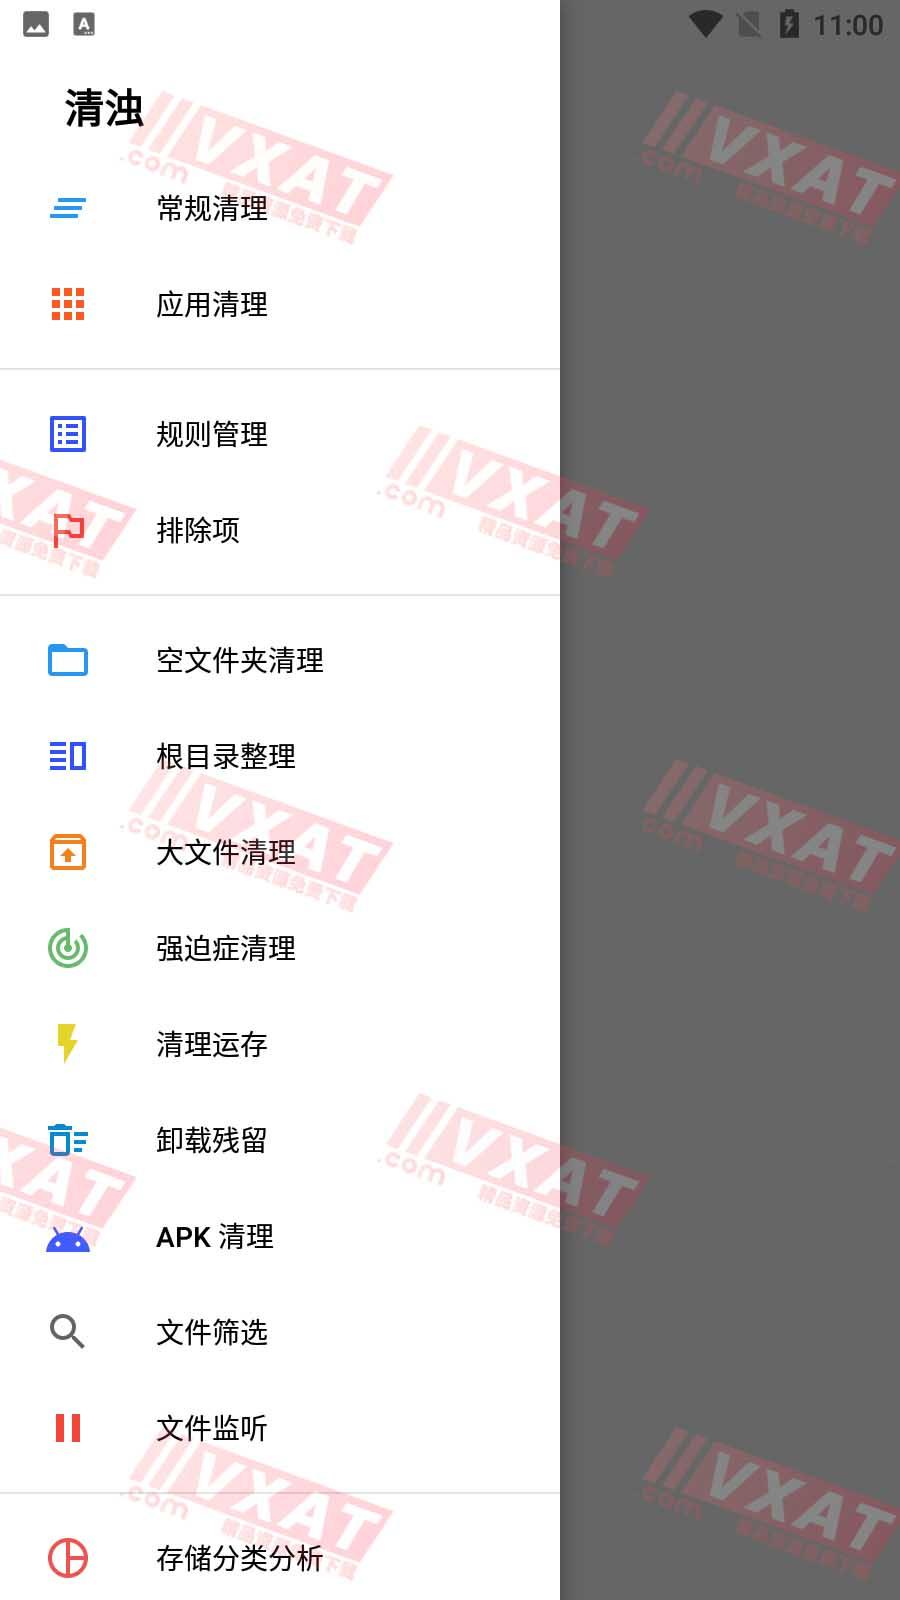 清浊 v1.7.6 高级破解版 第1张